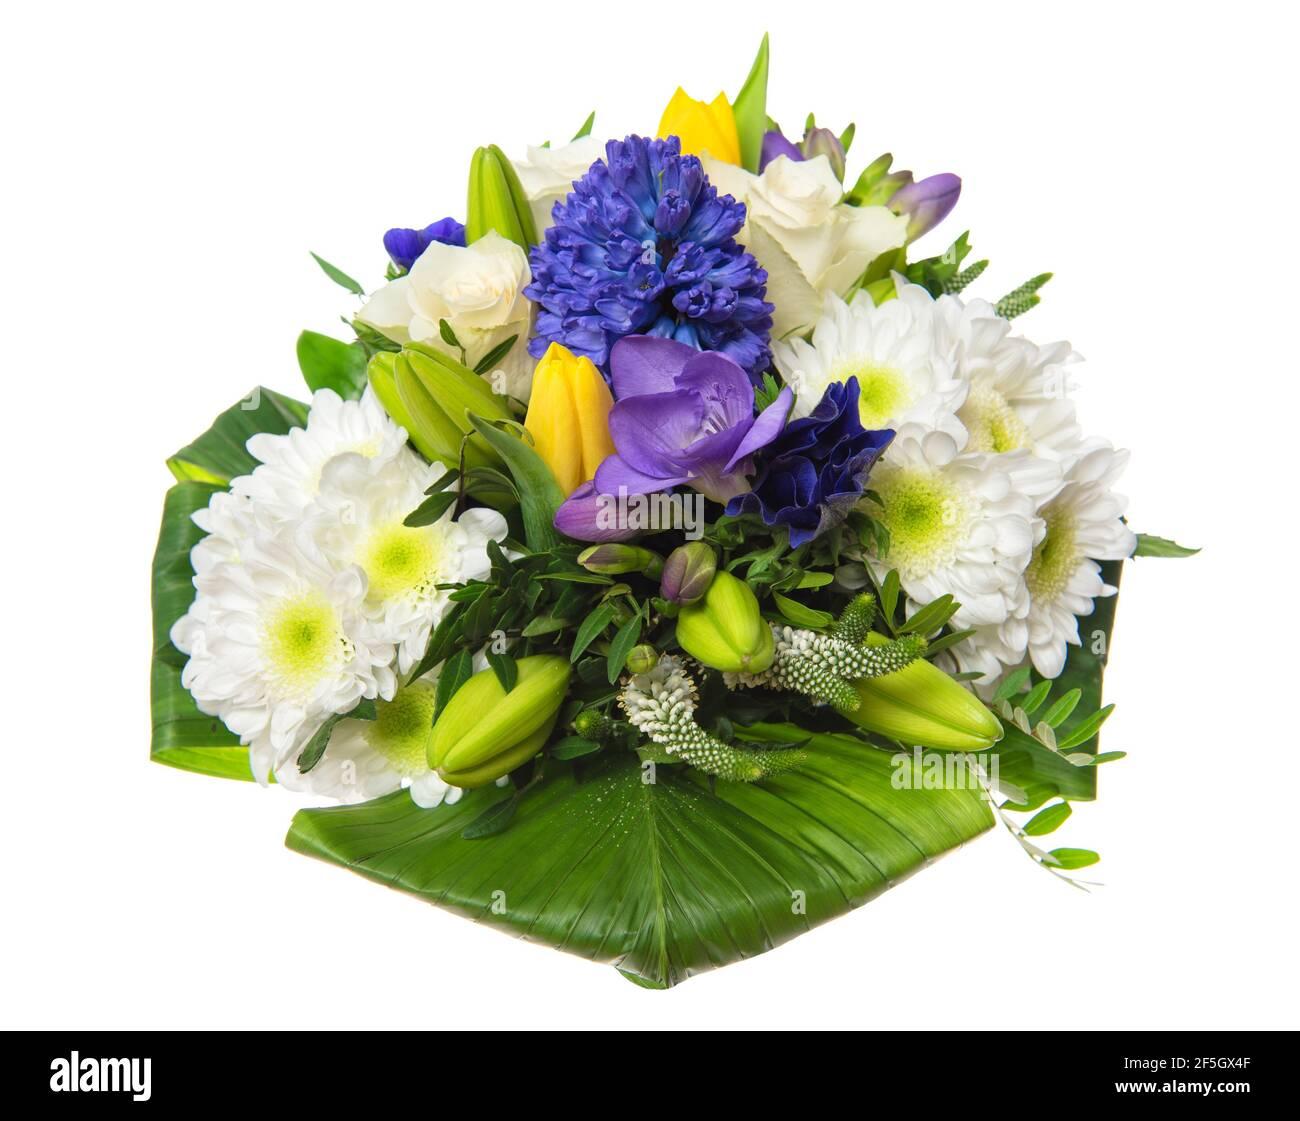 Bouquet de fleurs de printemps. Roses, tulipes, jacinthe sur fond blanc Banque D'Images